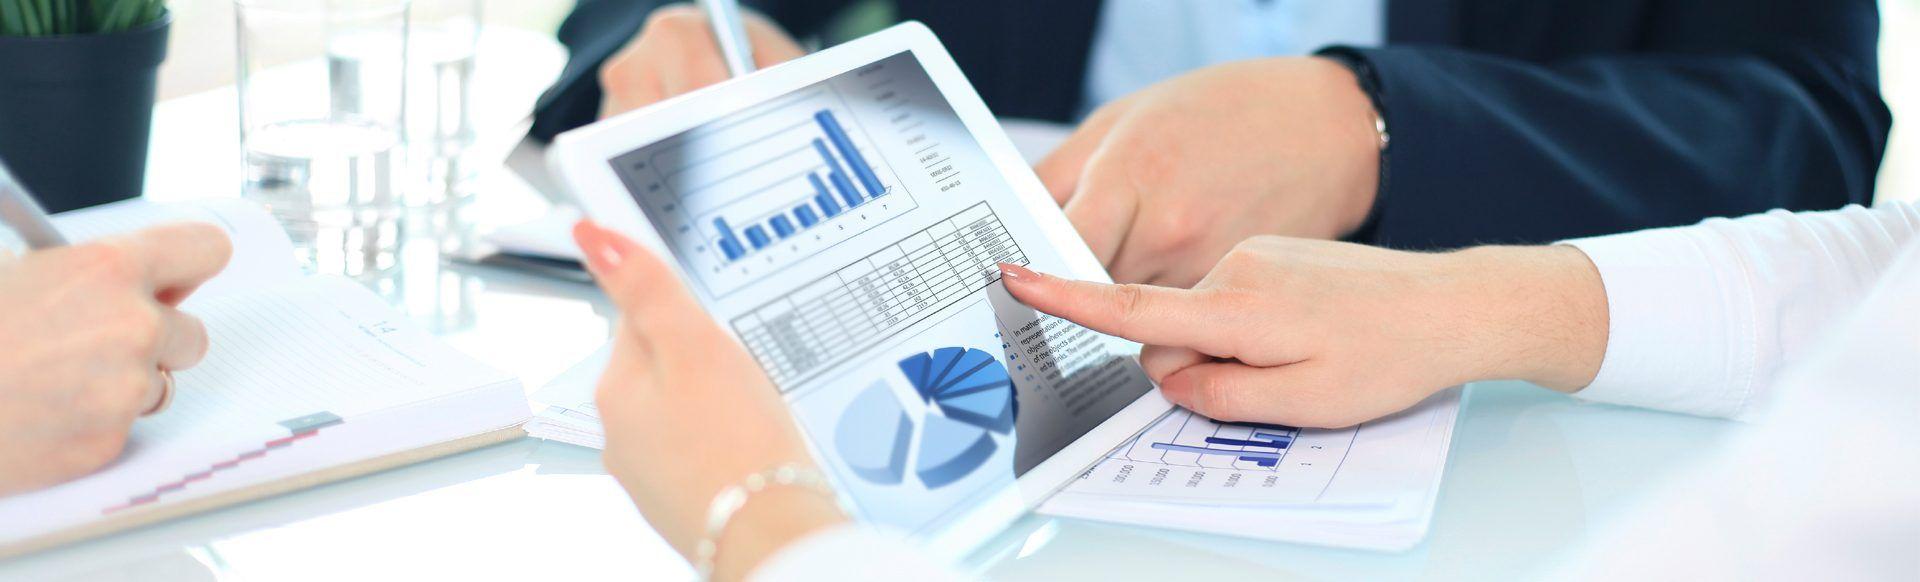 MSc Business Analytics and Big Data